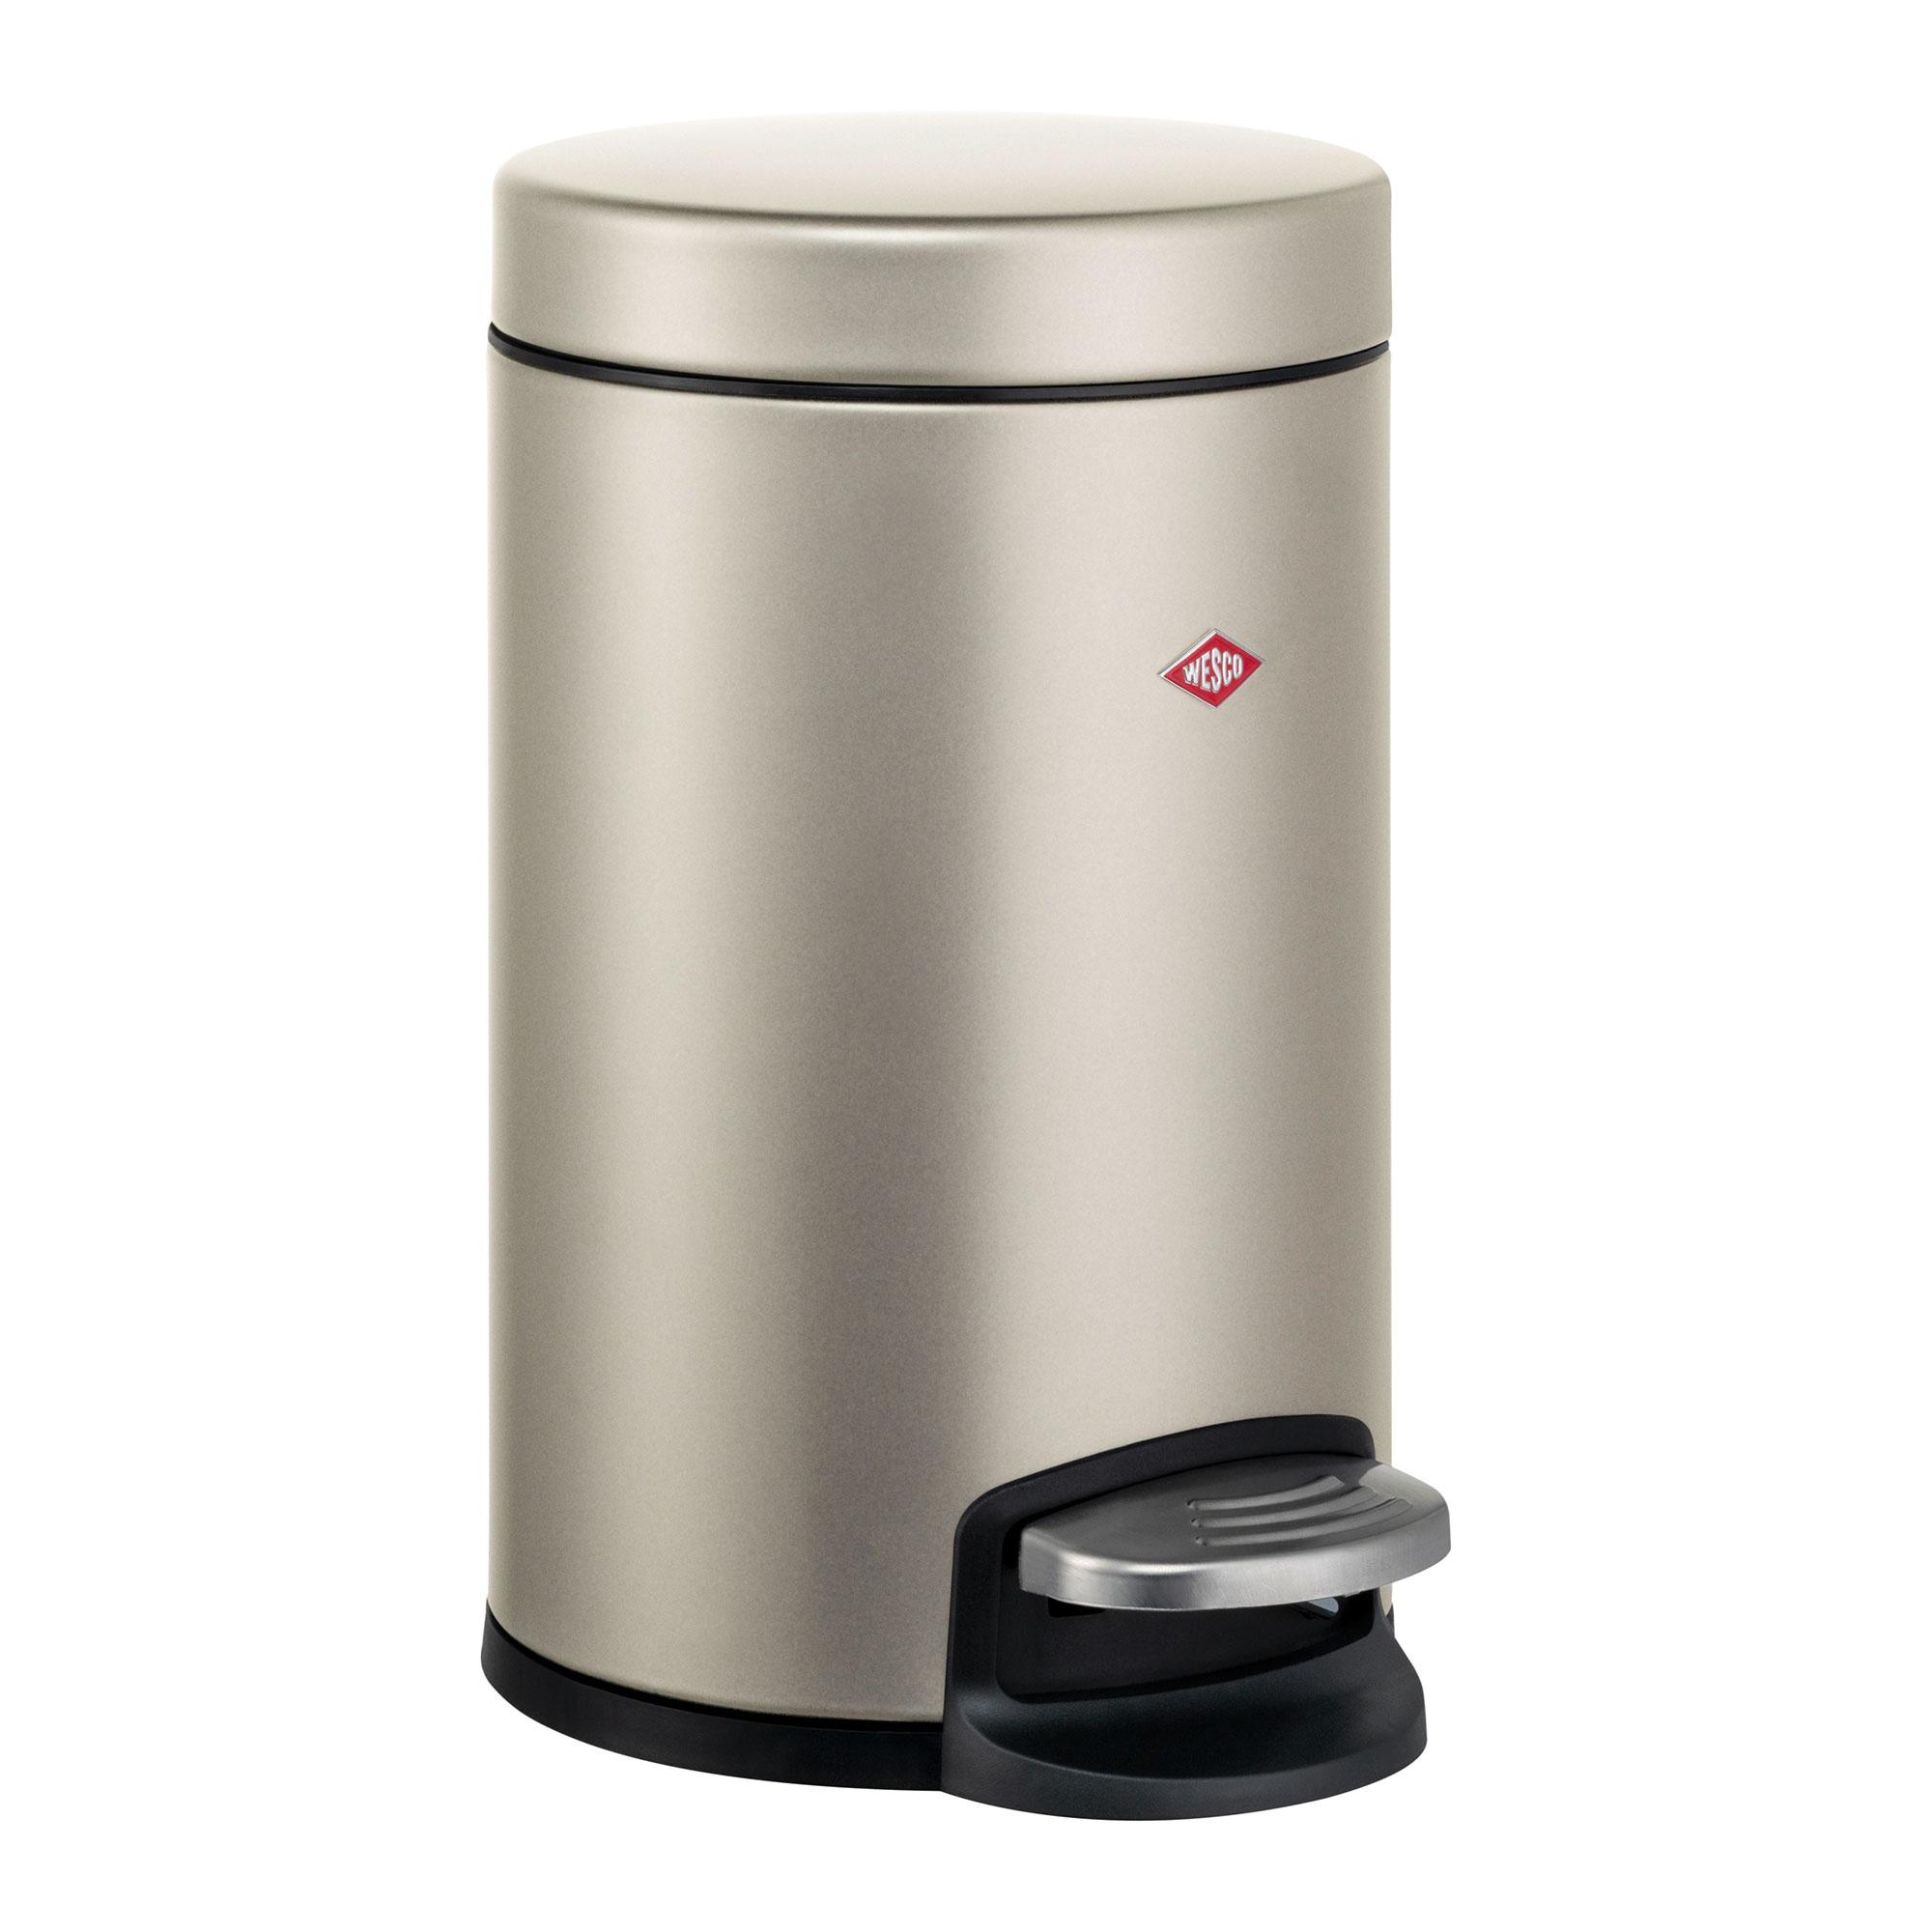 Wesco - Loft 123 Treteimer 13L - neusilber/pulverbeschichtet/H x Ø 40,5x25c günstig online kaufen